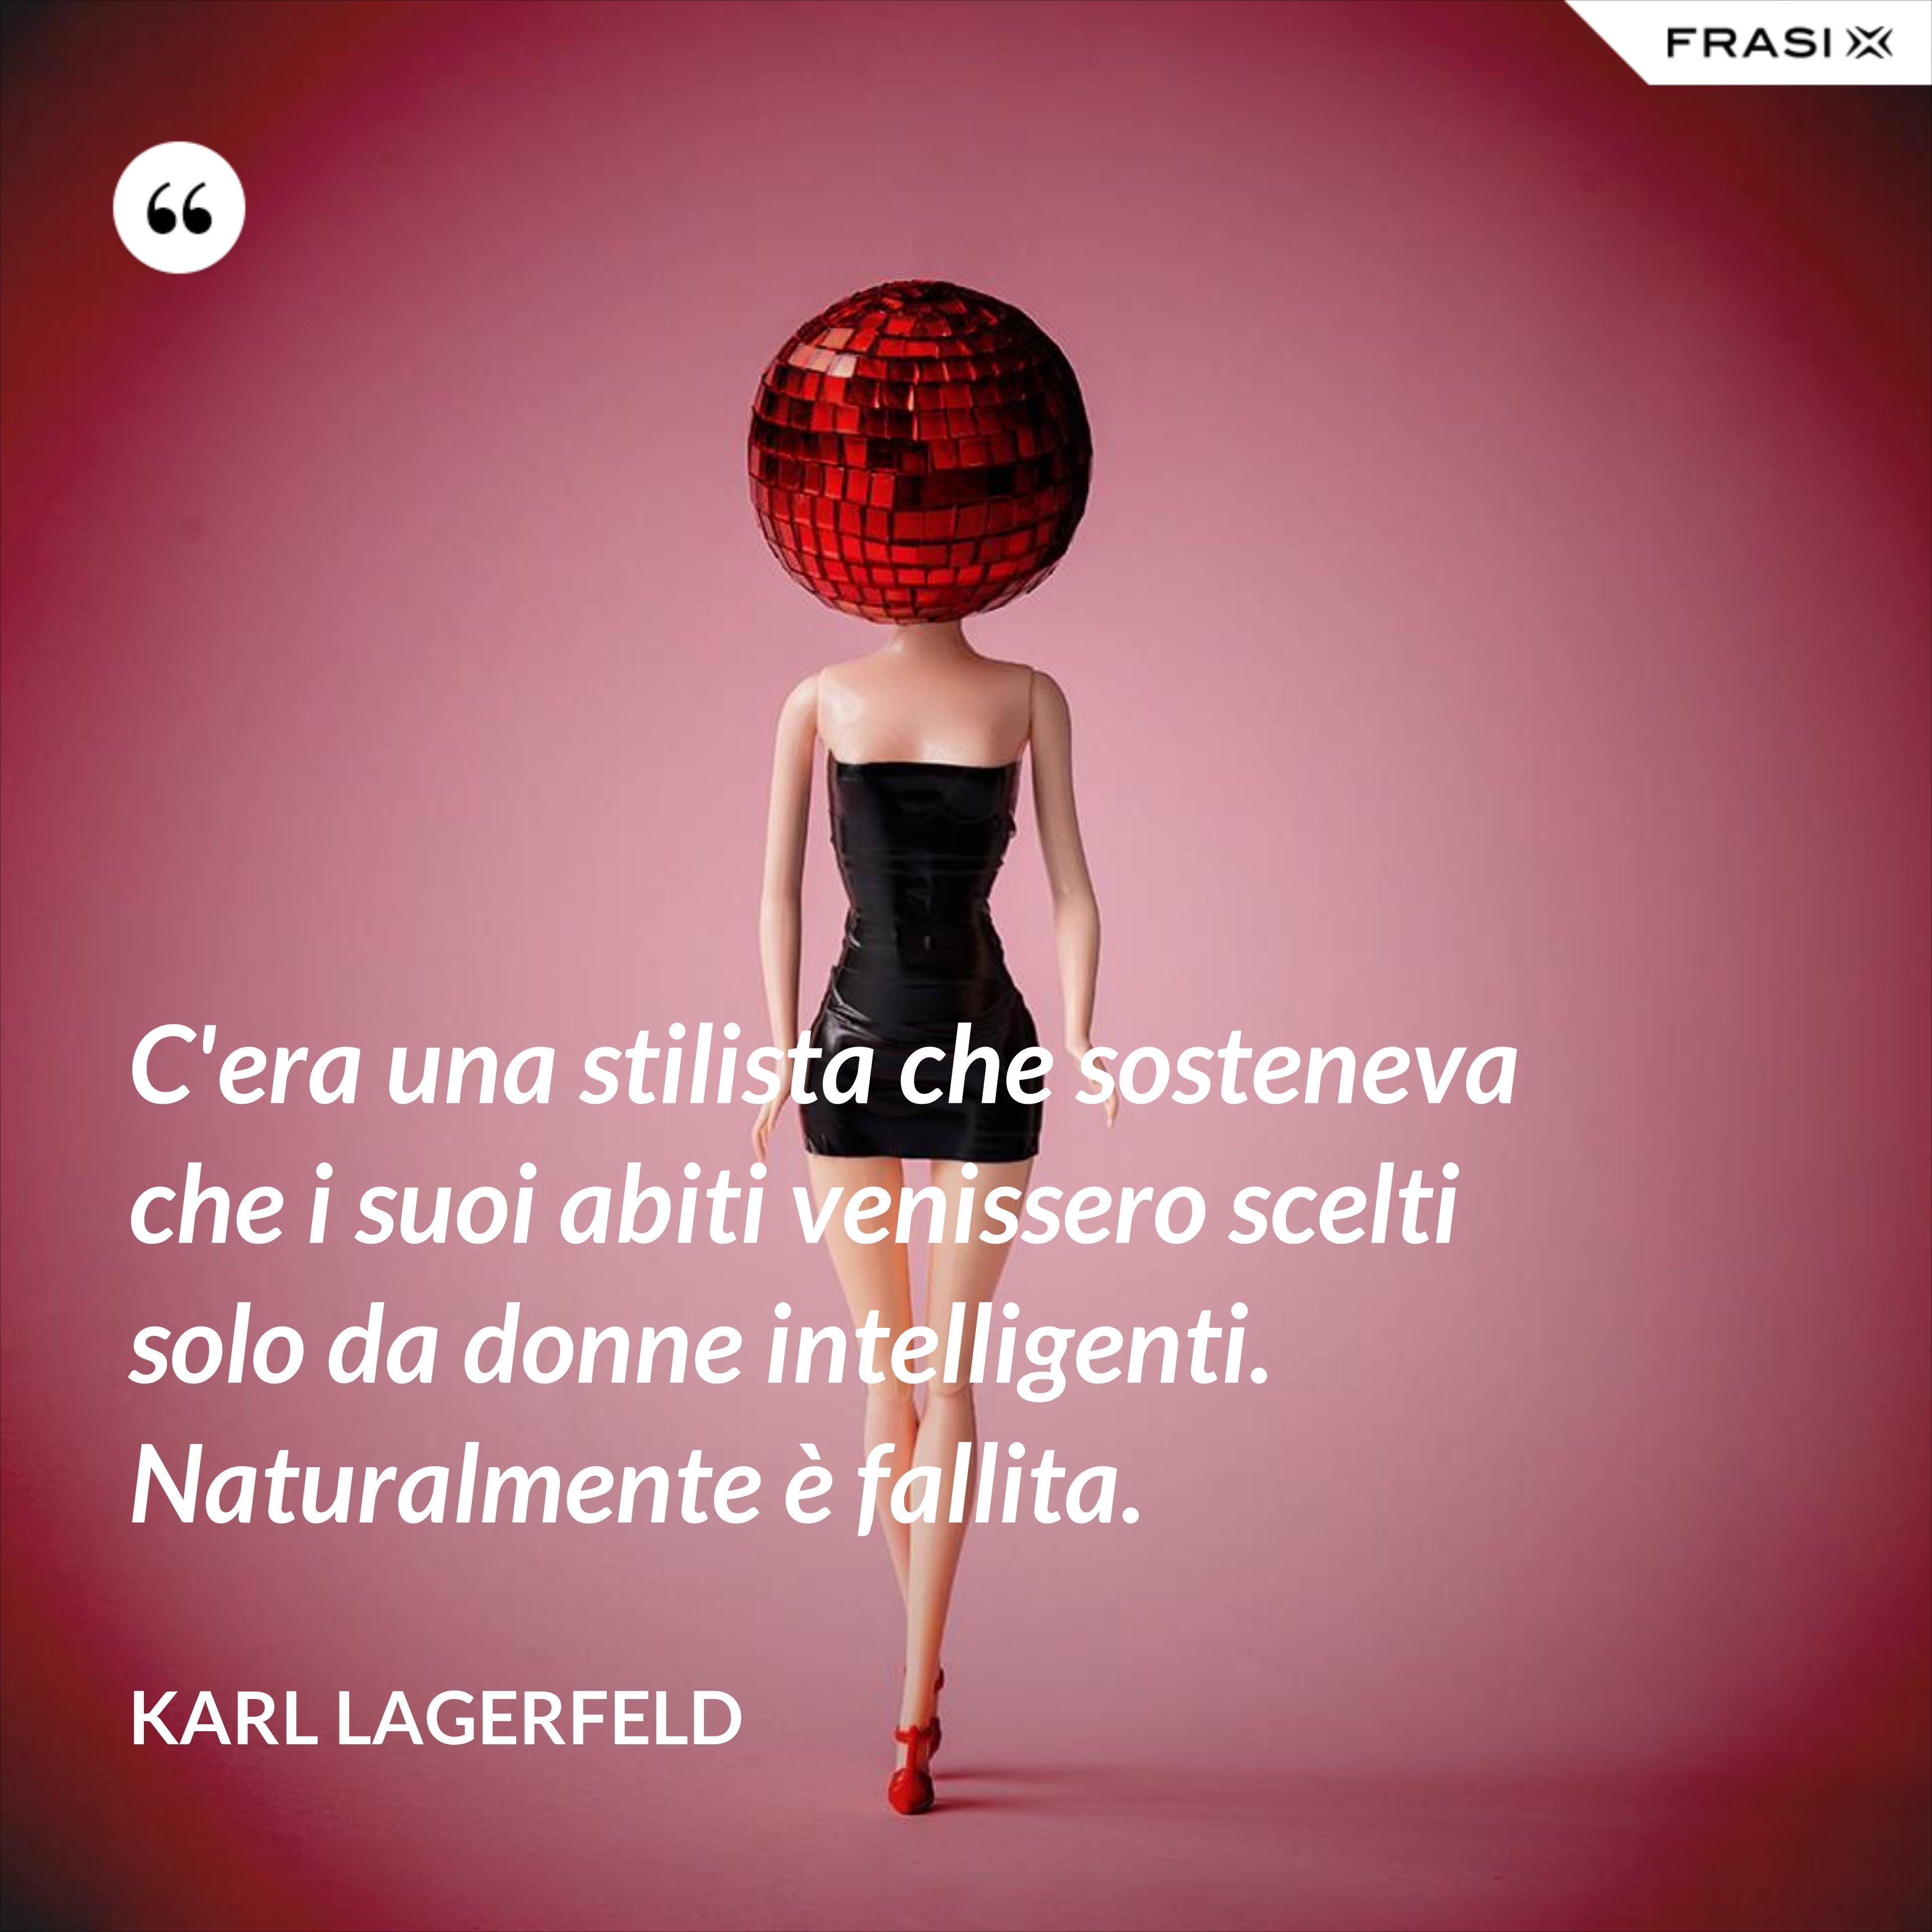 C'era una stilista che sosteneva che i suoi abiti venissero scelti solo da donne intelligenti. Naturalmente è fallita. - Karl Lagerfeld